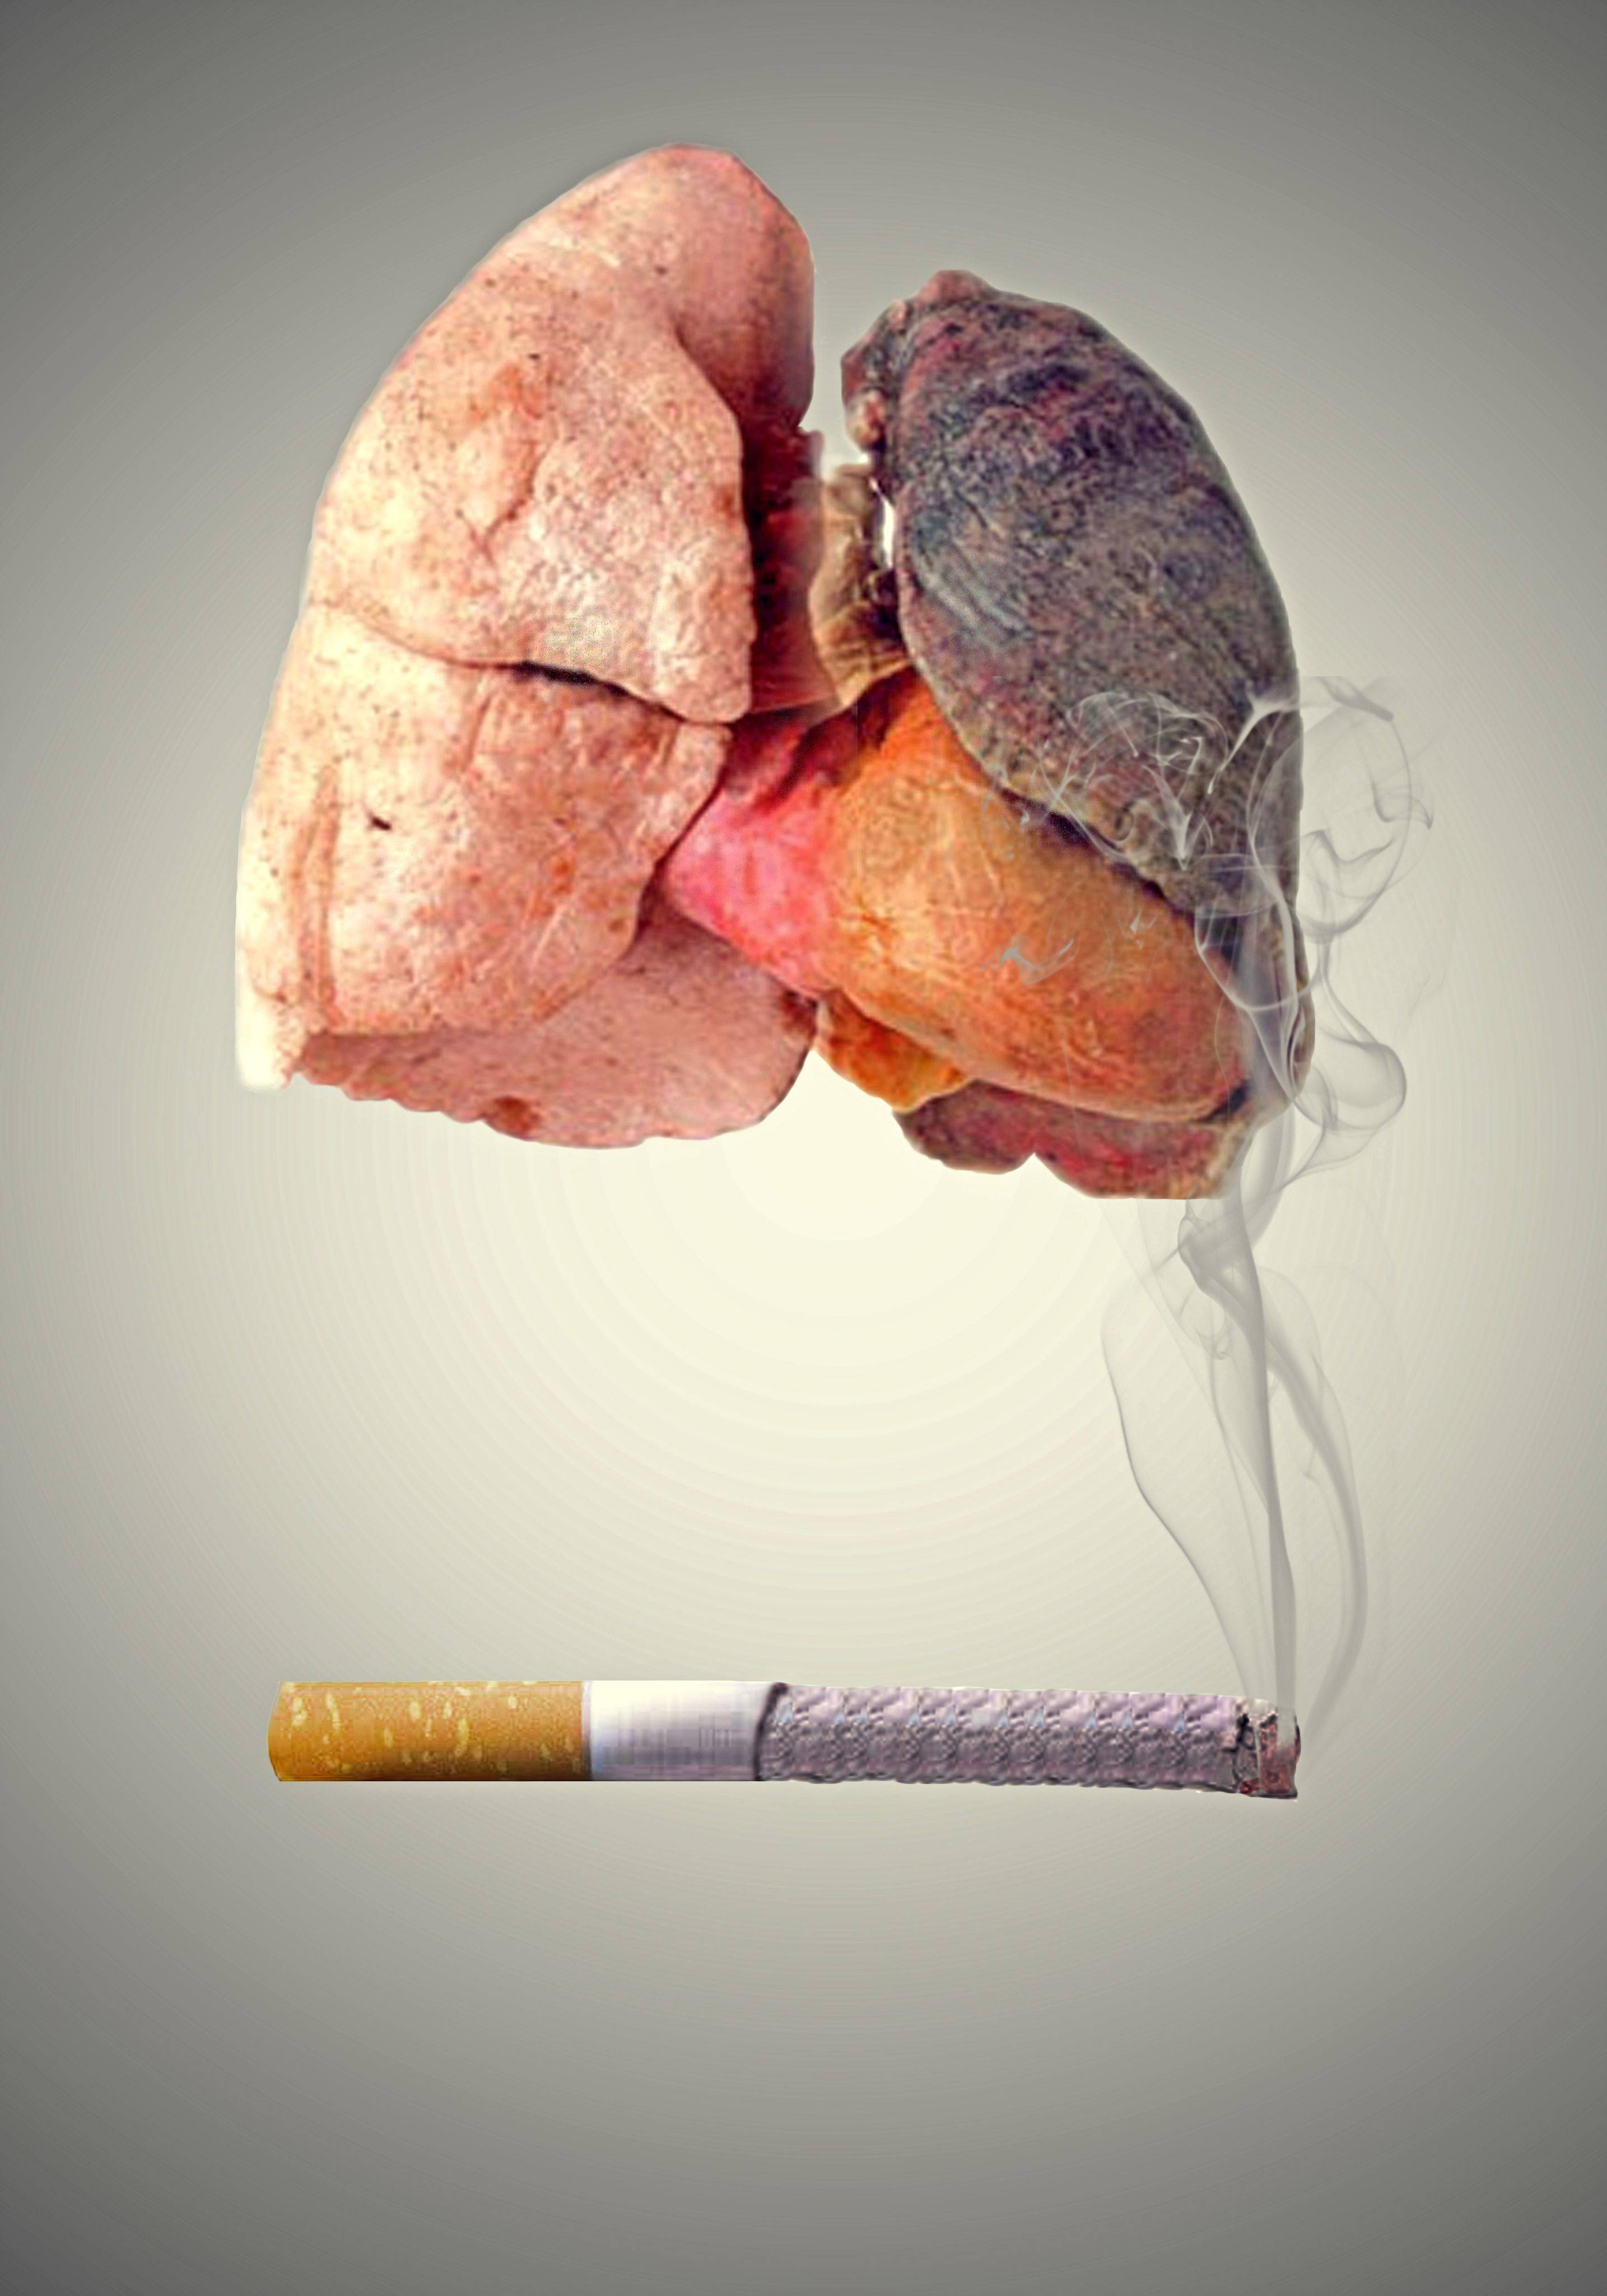 Последствия курения для печени человека